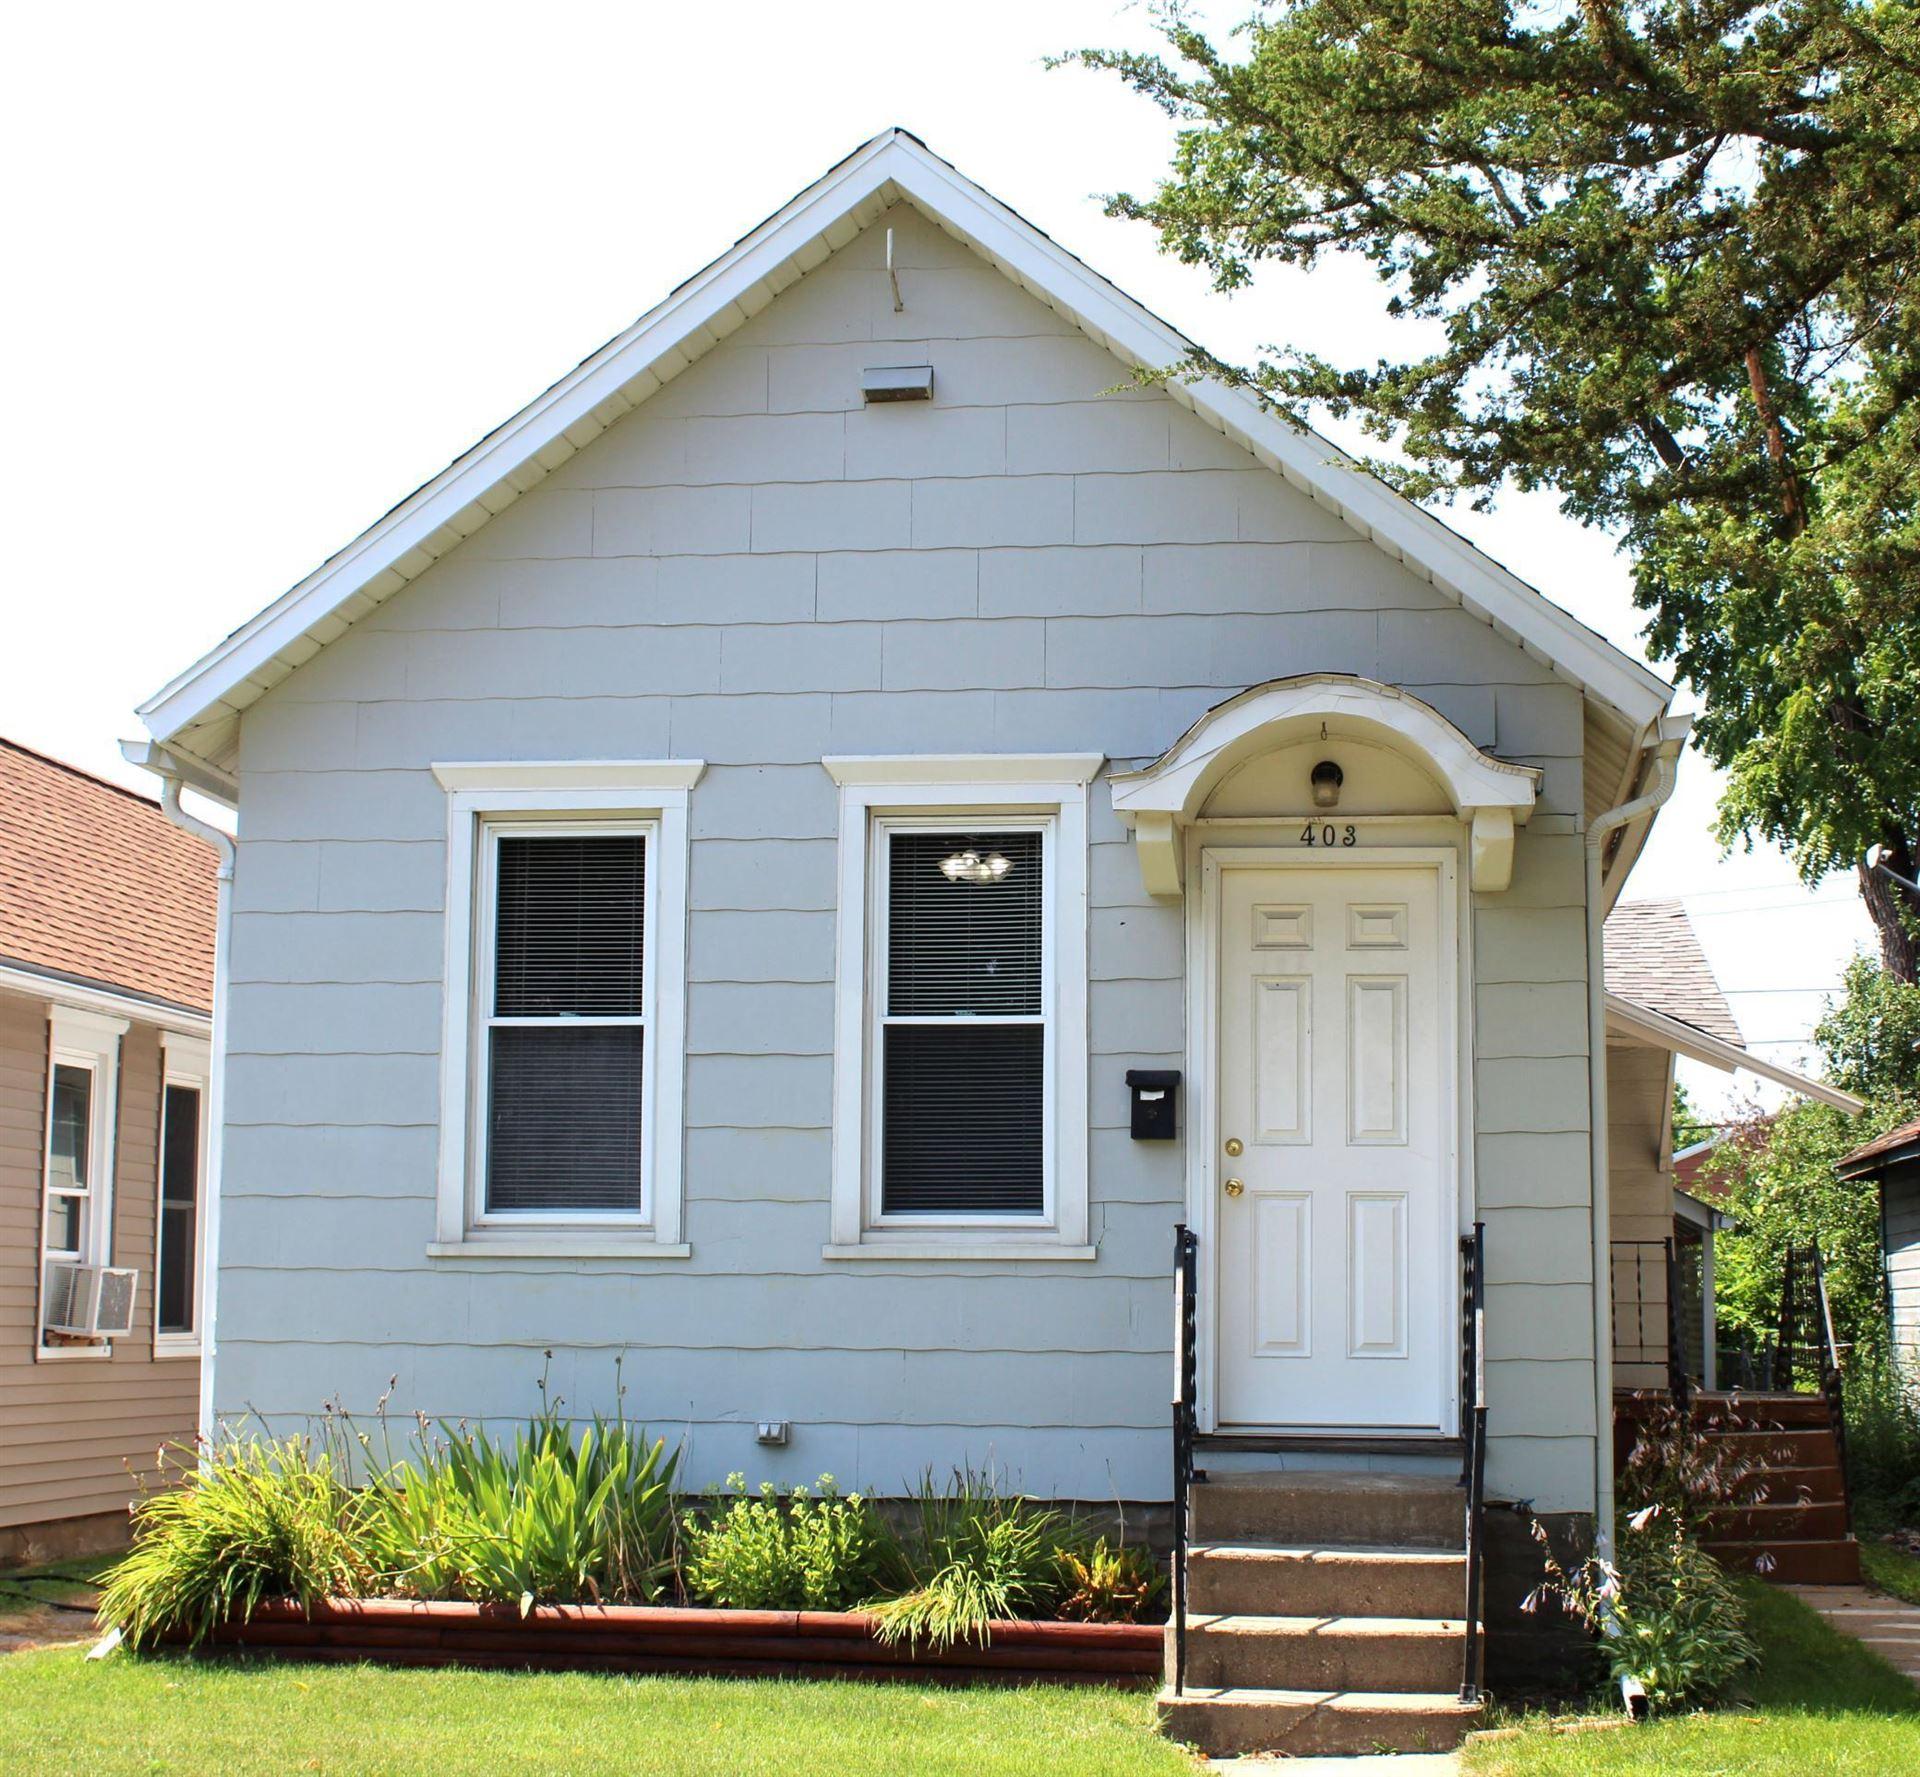 403 Chatfield Street, Winona, MN 55987 - MLS#: 6068188